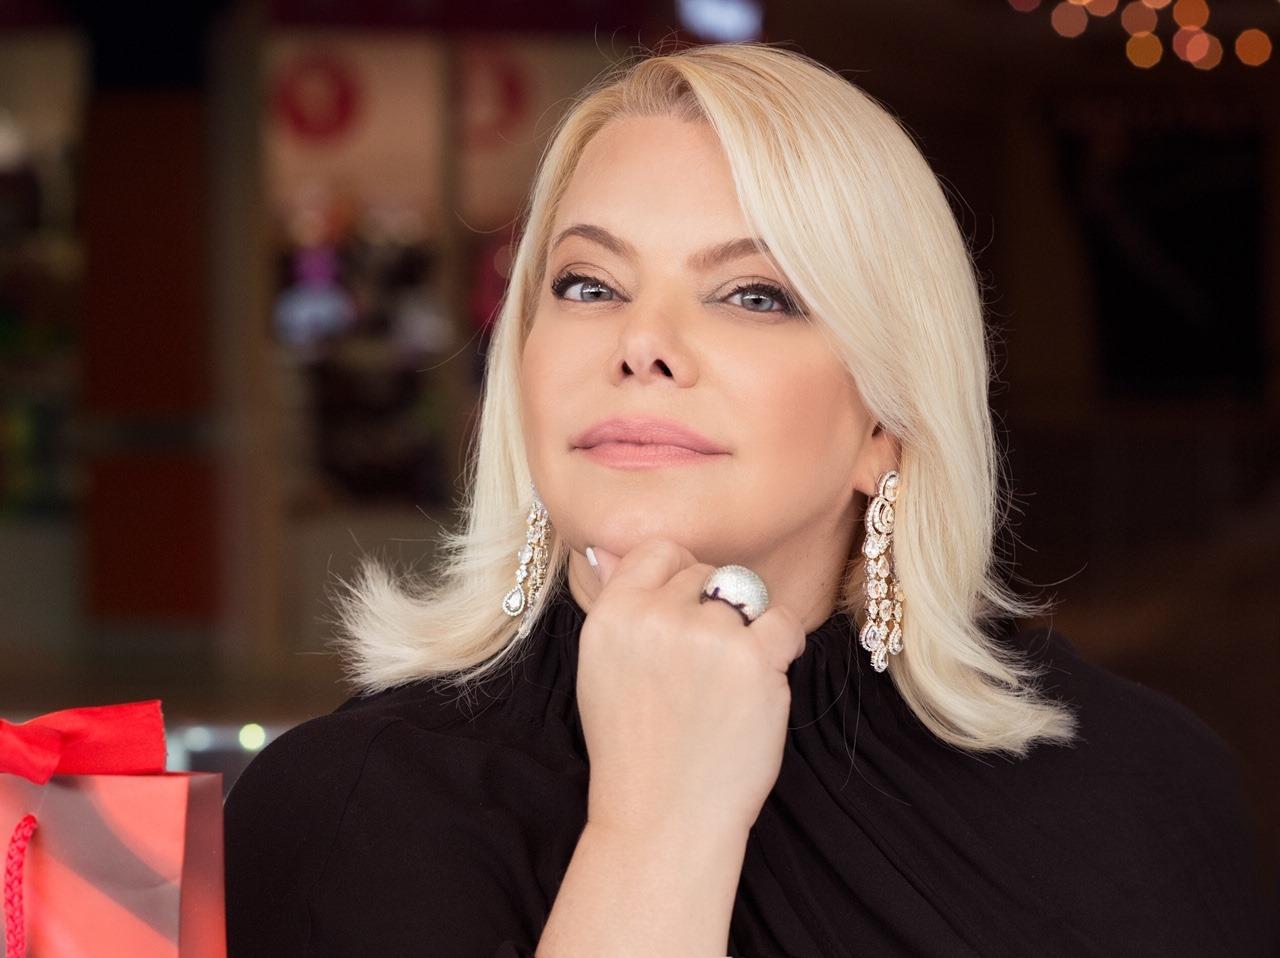 Яна Поплавская со скандалом покинула студию Андрея Малахова